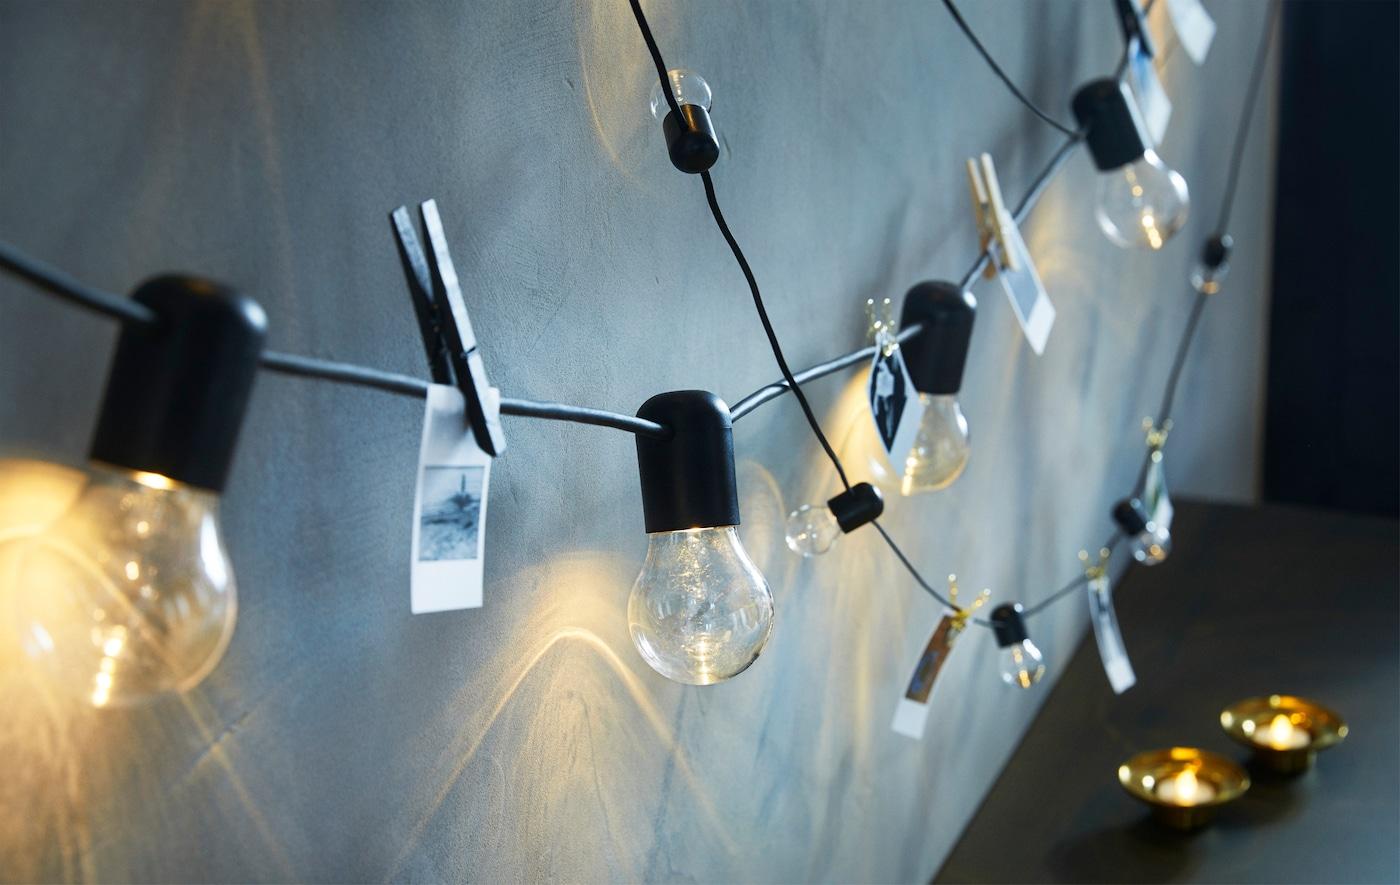 Eine SVARTRÅ LED-Lichterkette in Schwarz & eine IKEA BLÖTSNÖ LED-Lichterkette hängen an einer Wand.